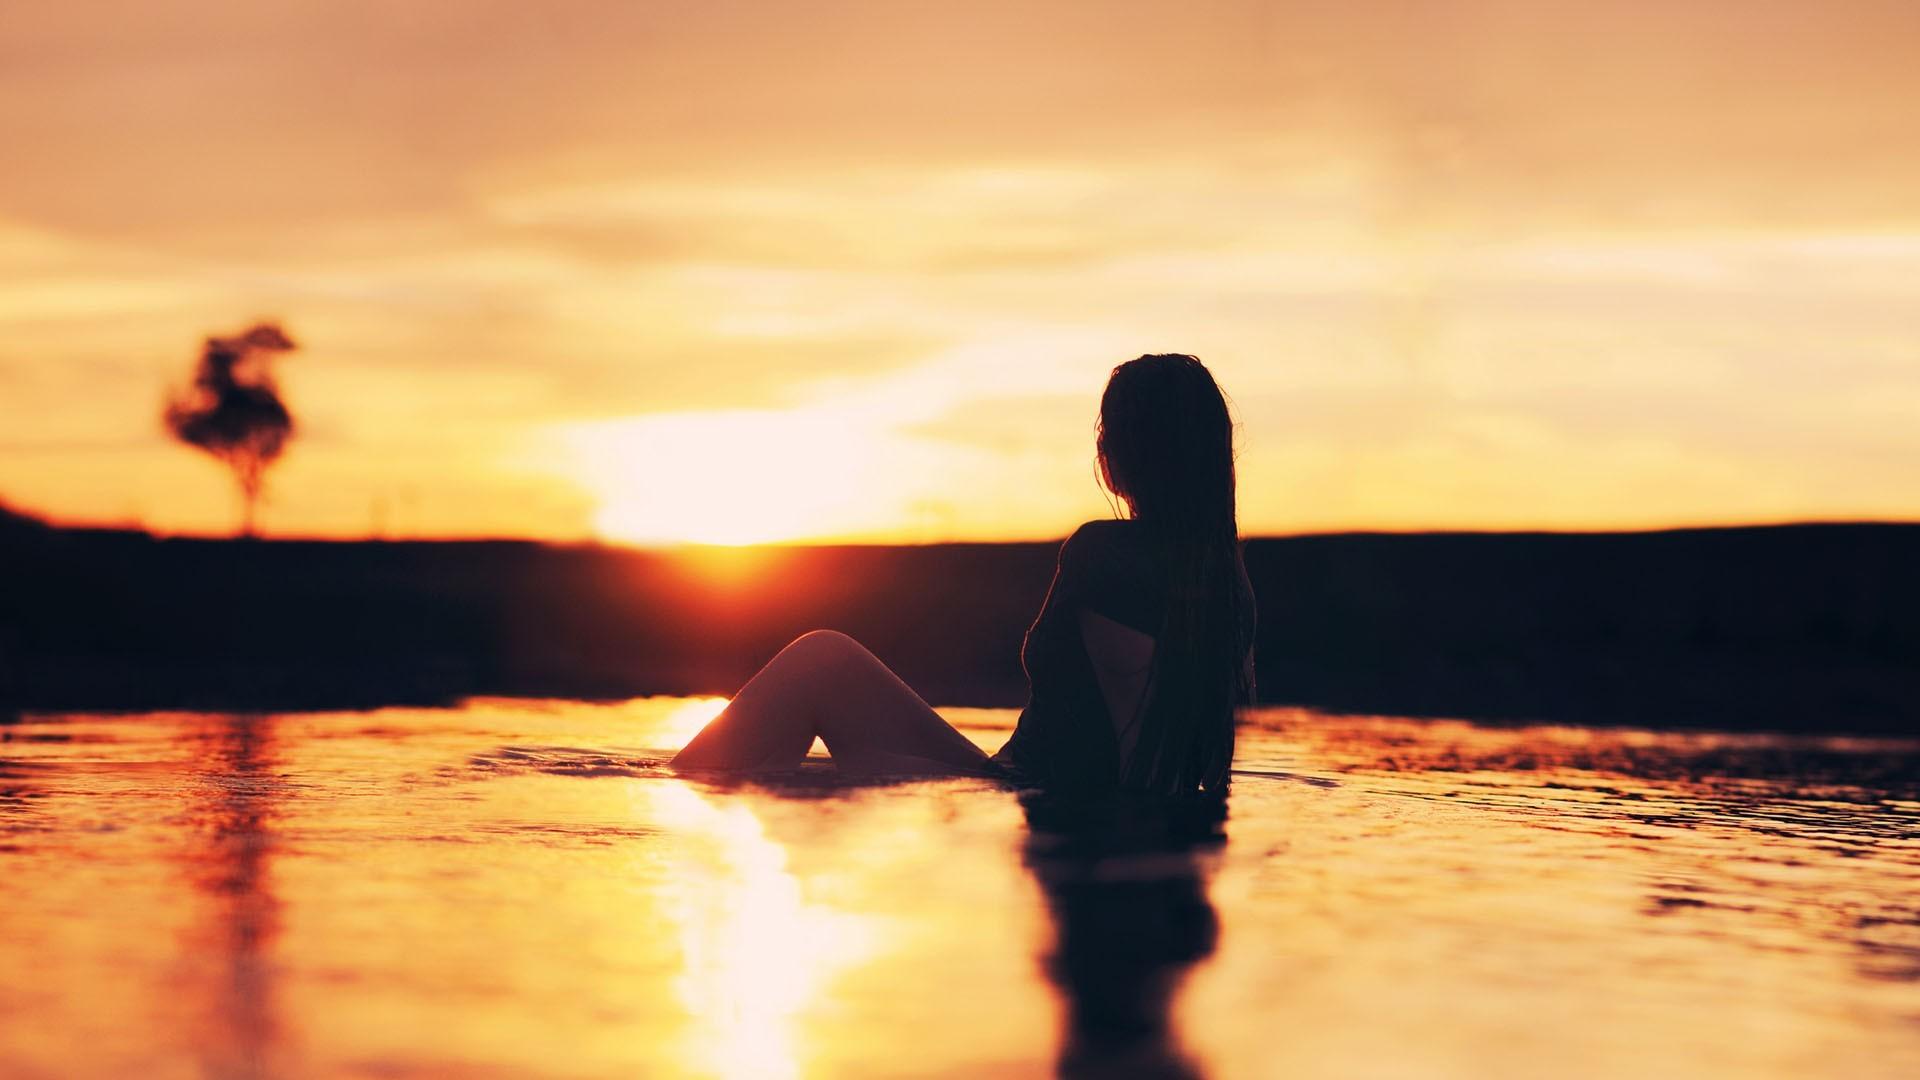 Girl on Australian Beach Sunset Wallpaper